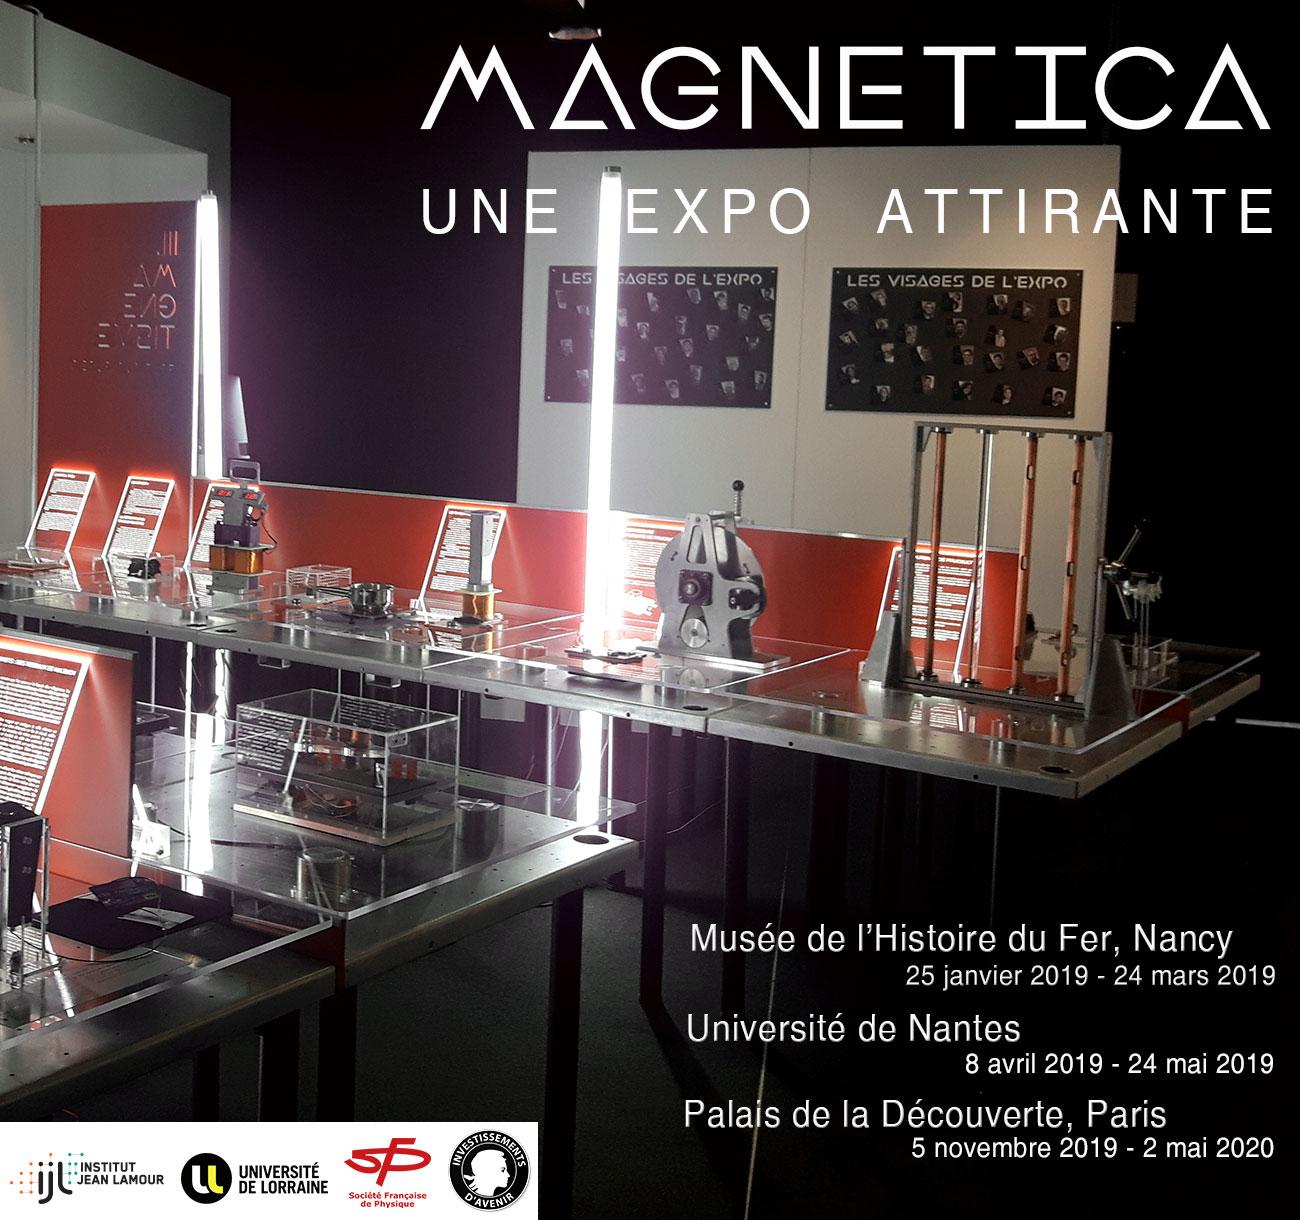 MAGNETICA, une expo attirante